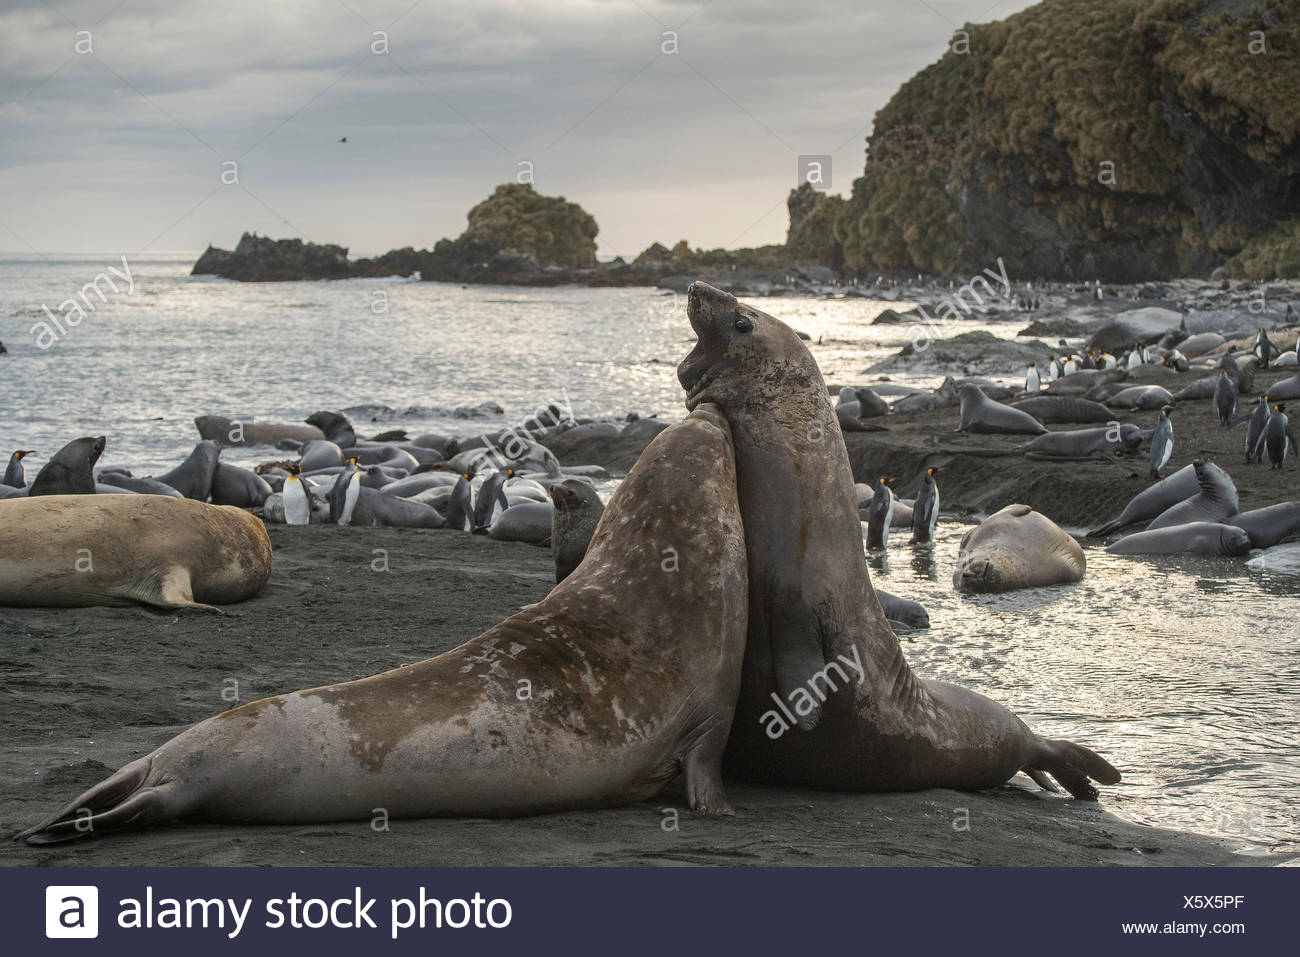 Erwachsenen männlichen südlichen See-Elefanten kämpfen entlang der Küste. Stockbild